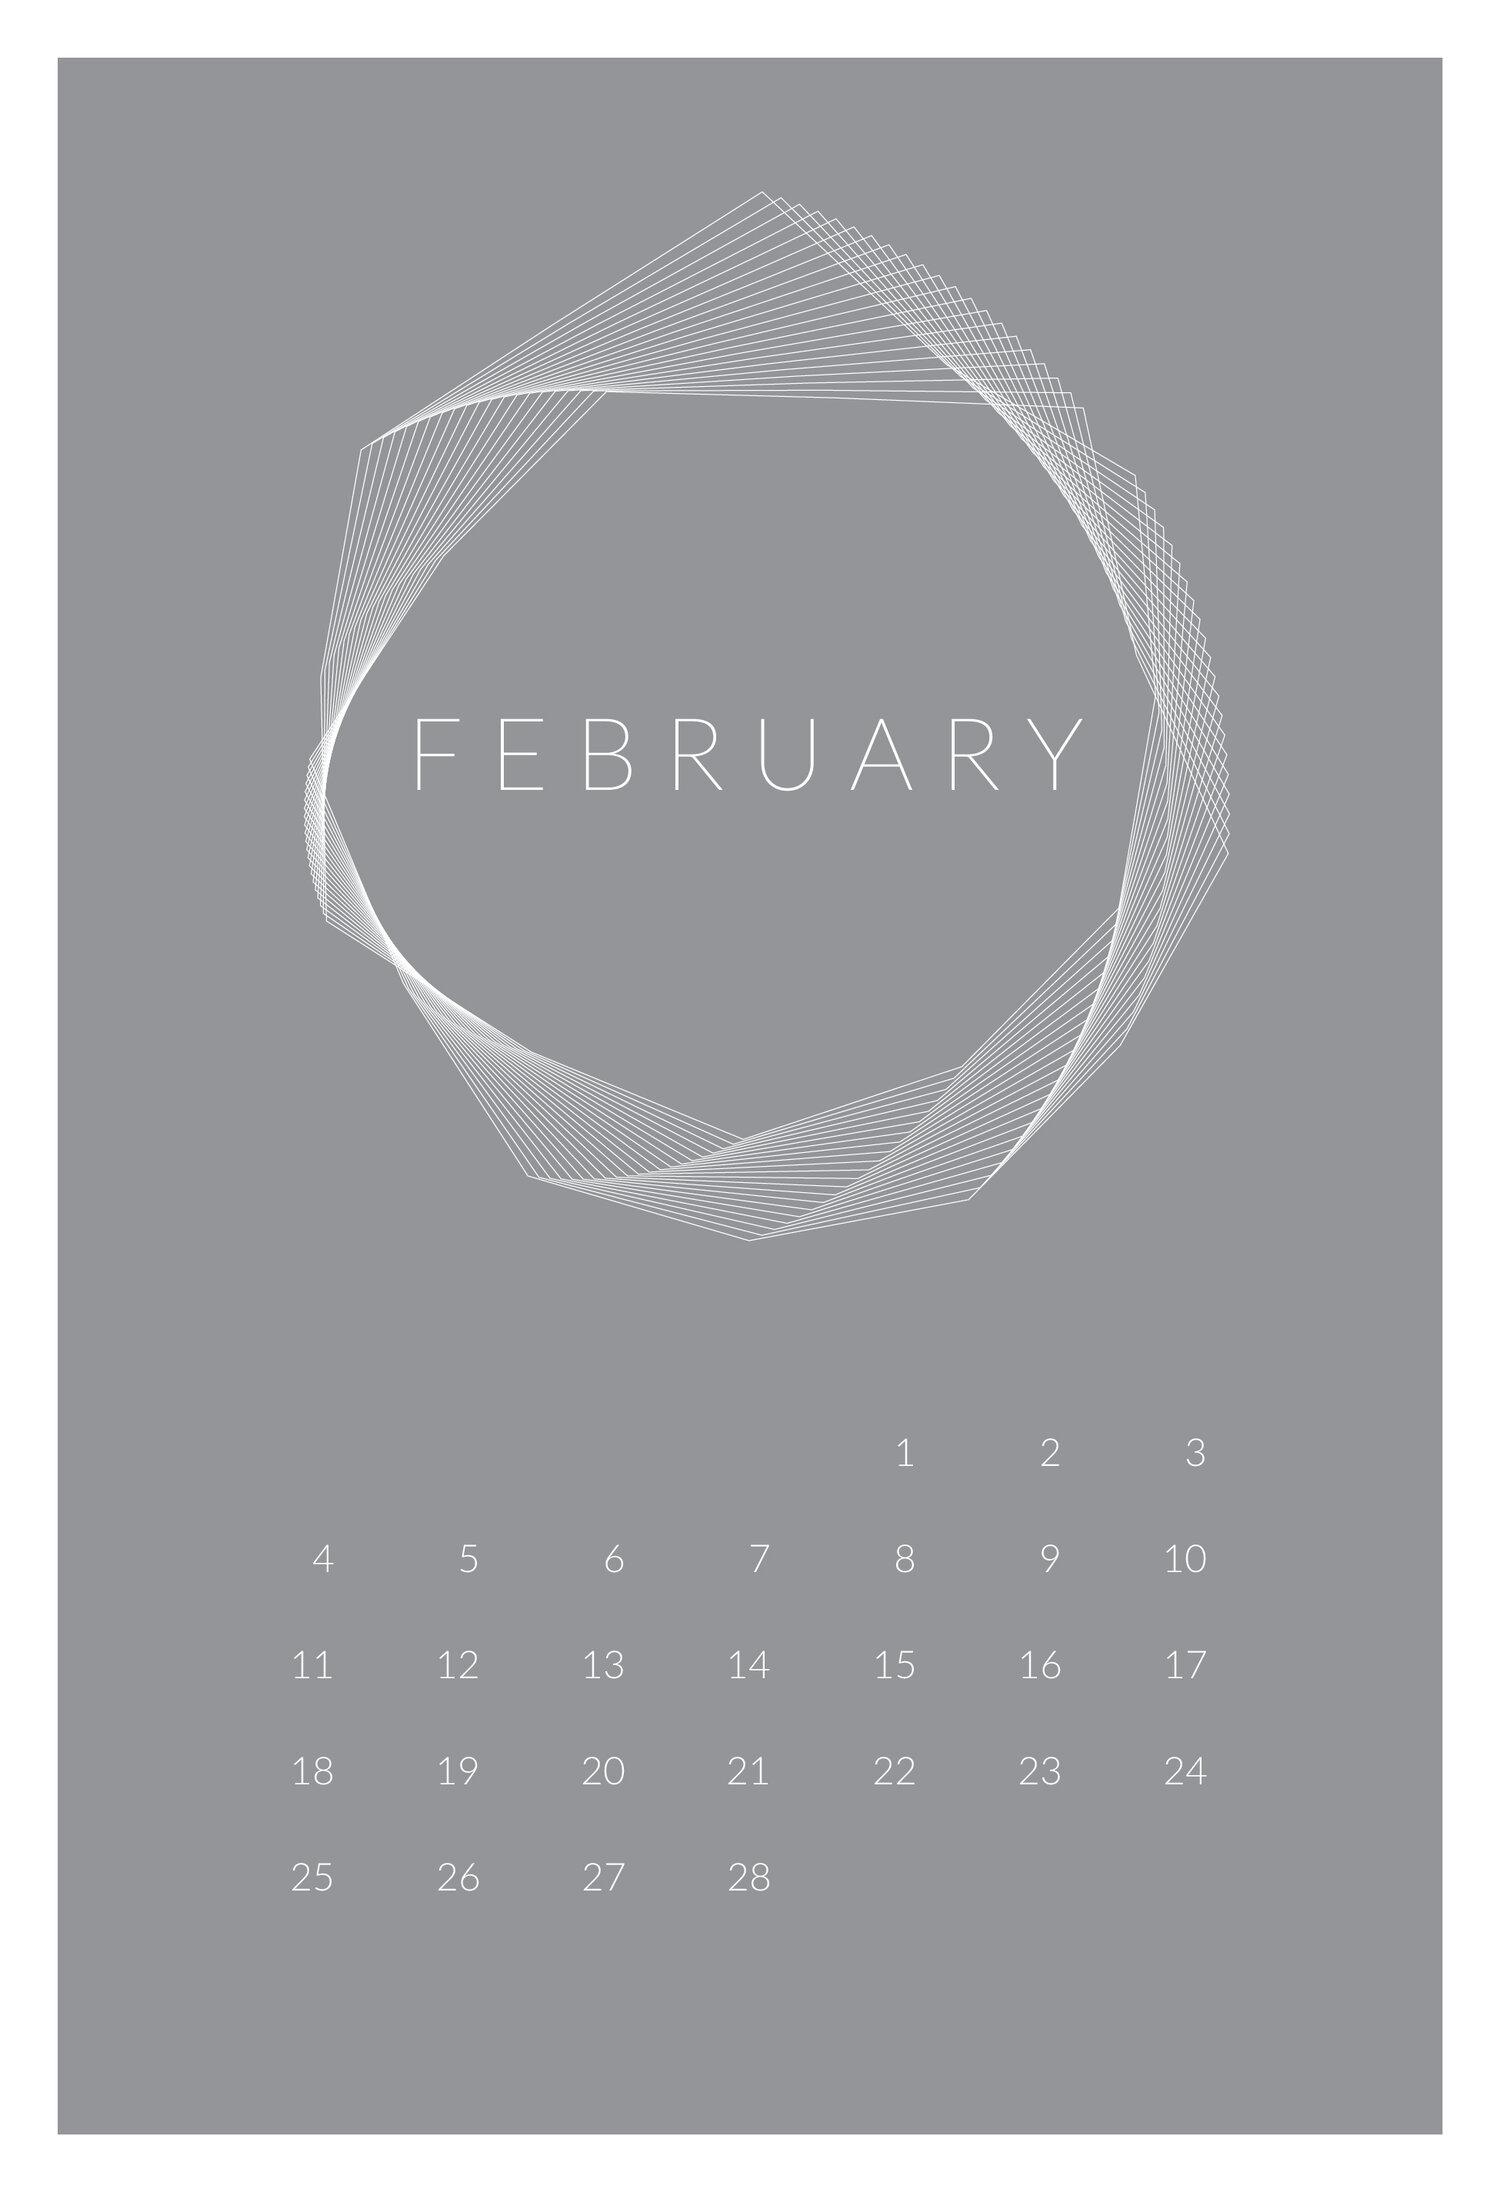 Henrik_Calendar-02.jpg